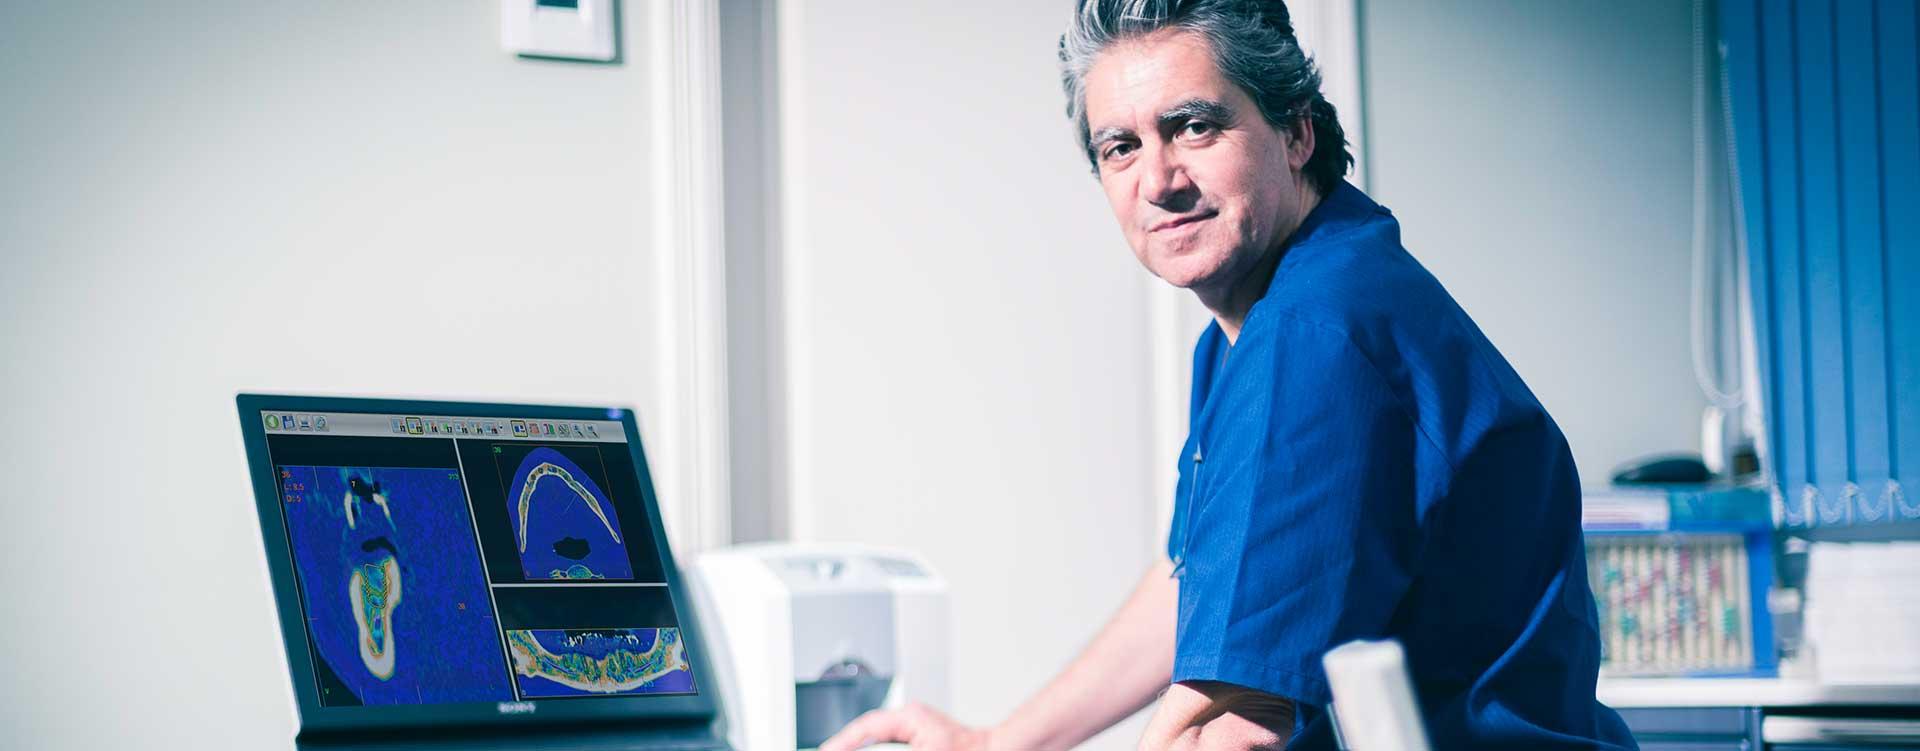 clinica-gorosabel-dental-software-de-diagnostico-digital